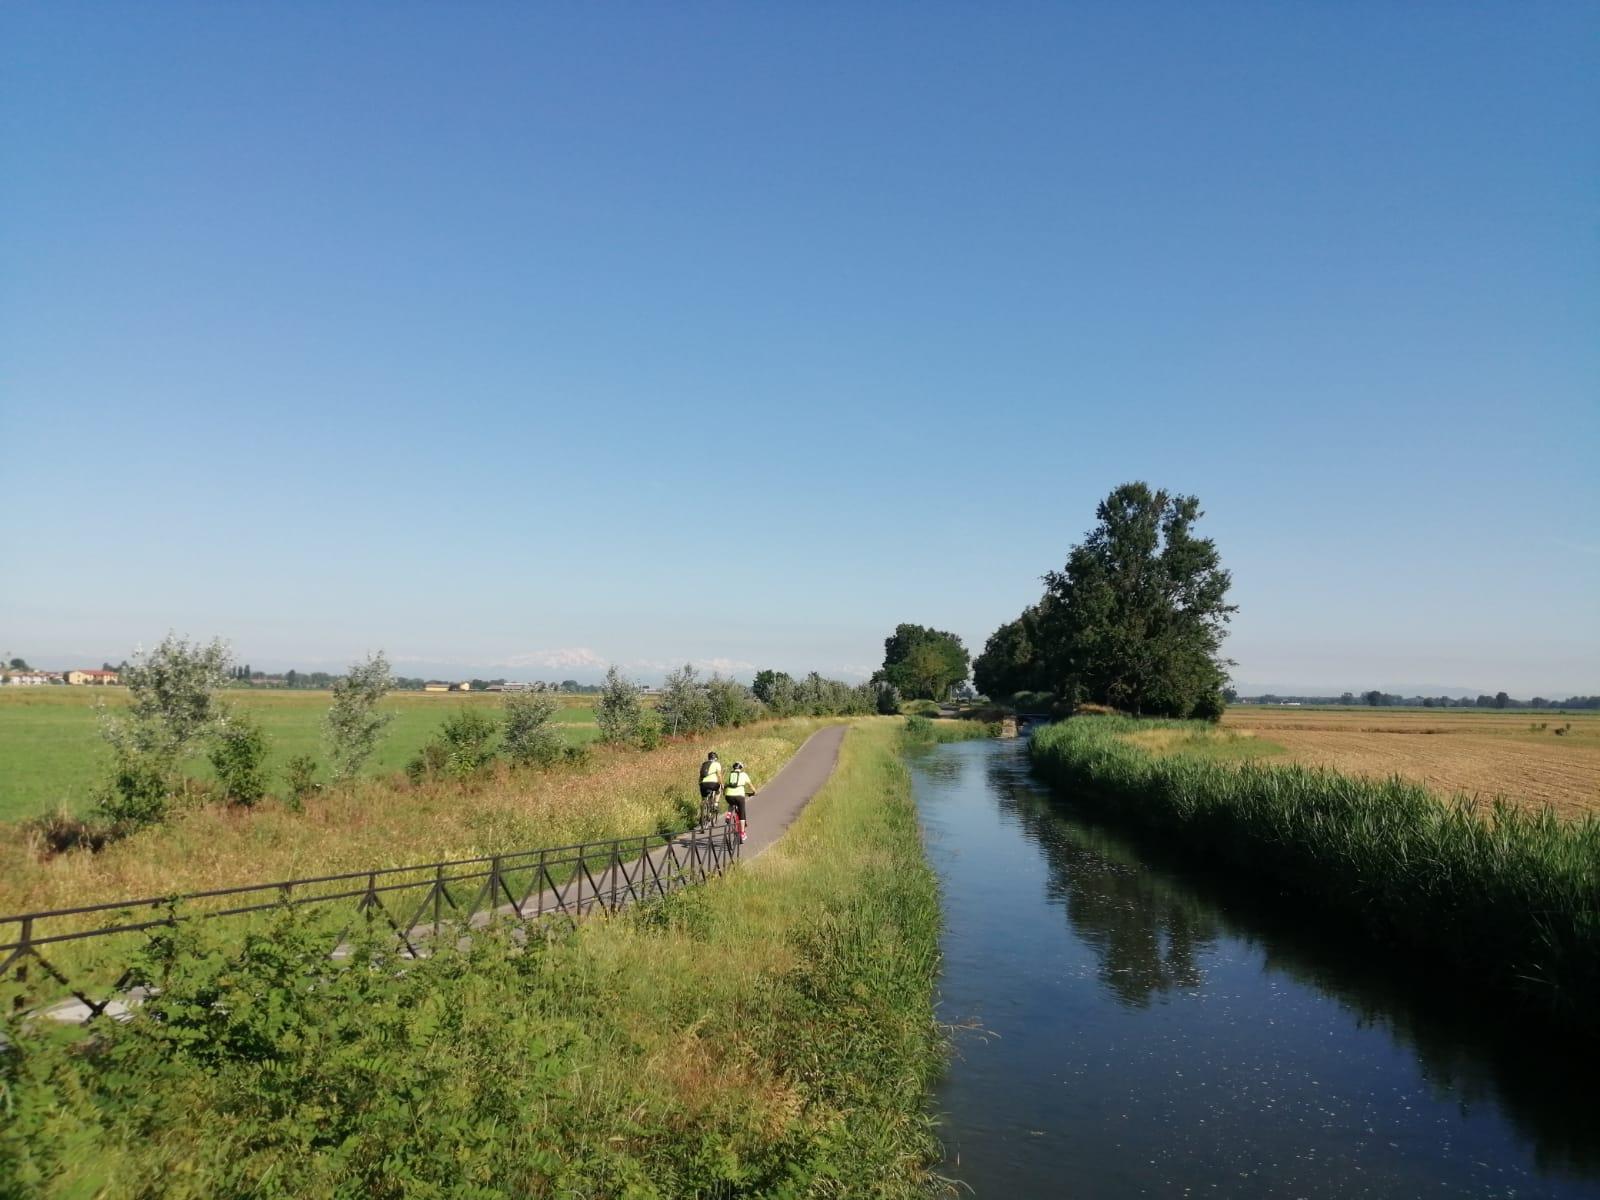 tour dei 3 navigli week-end di gruppo in bici